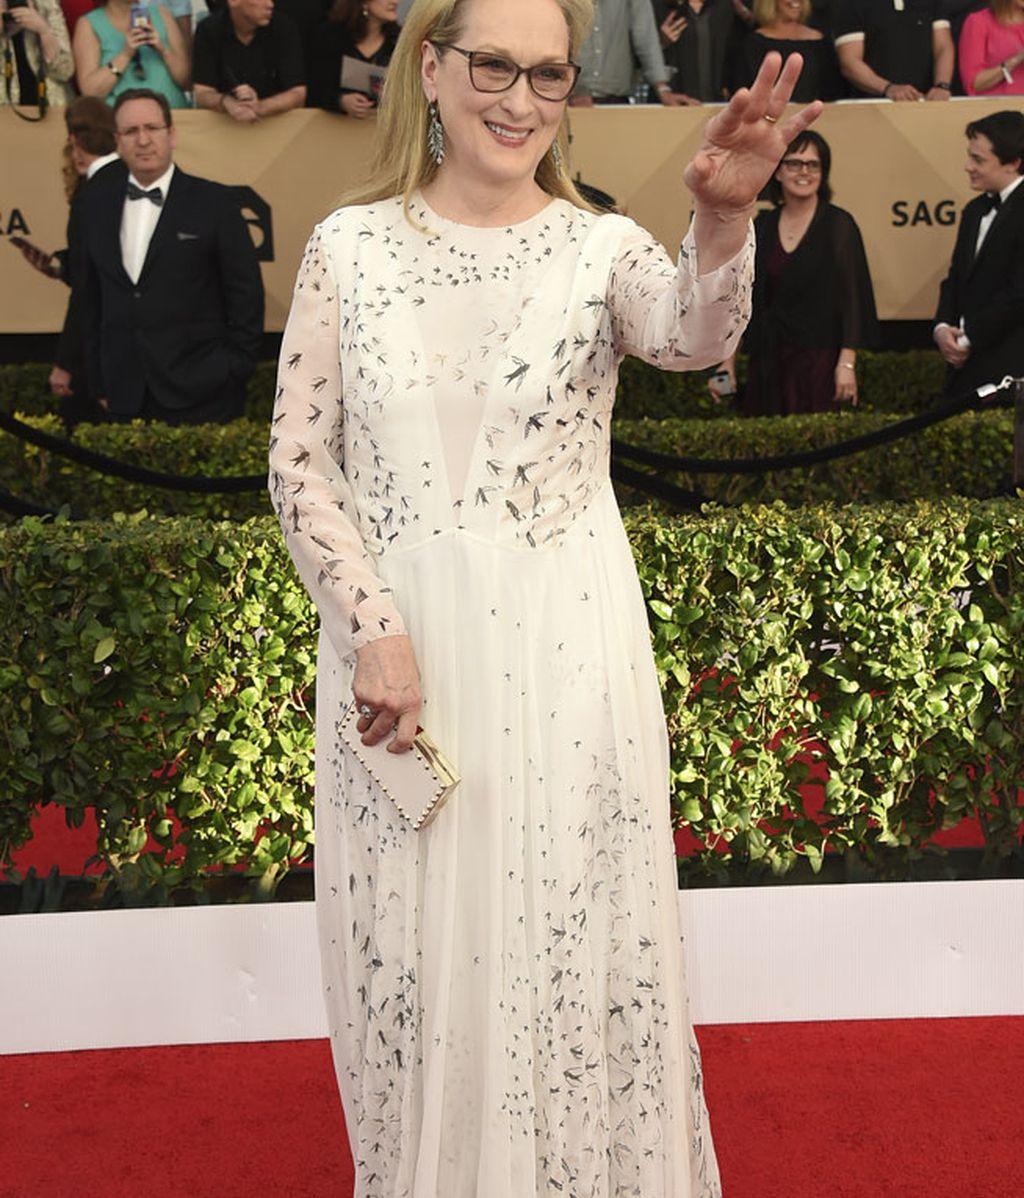 Radiante y discreta, Meryl Streep eligió un diseño de Valentino